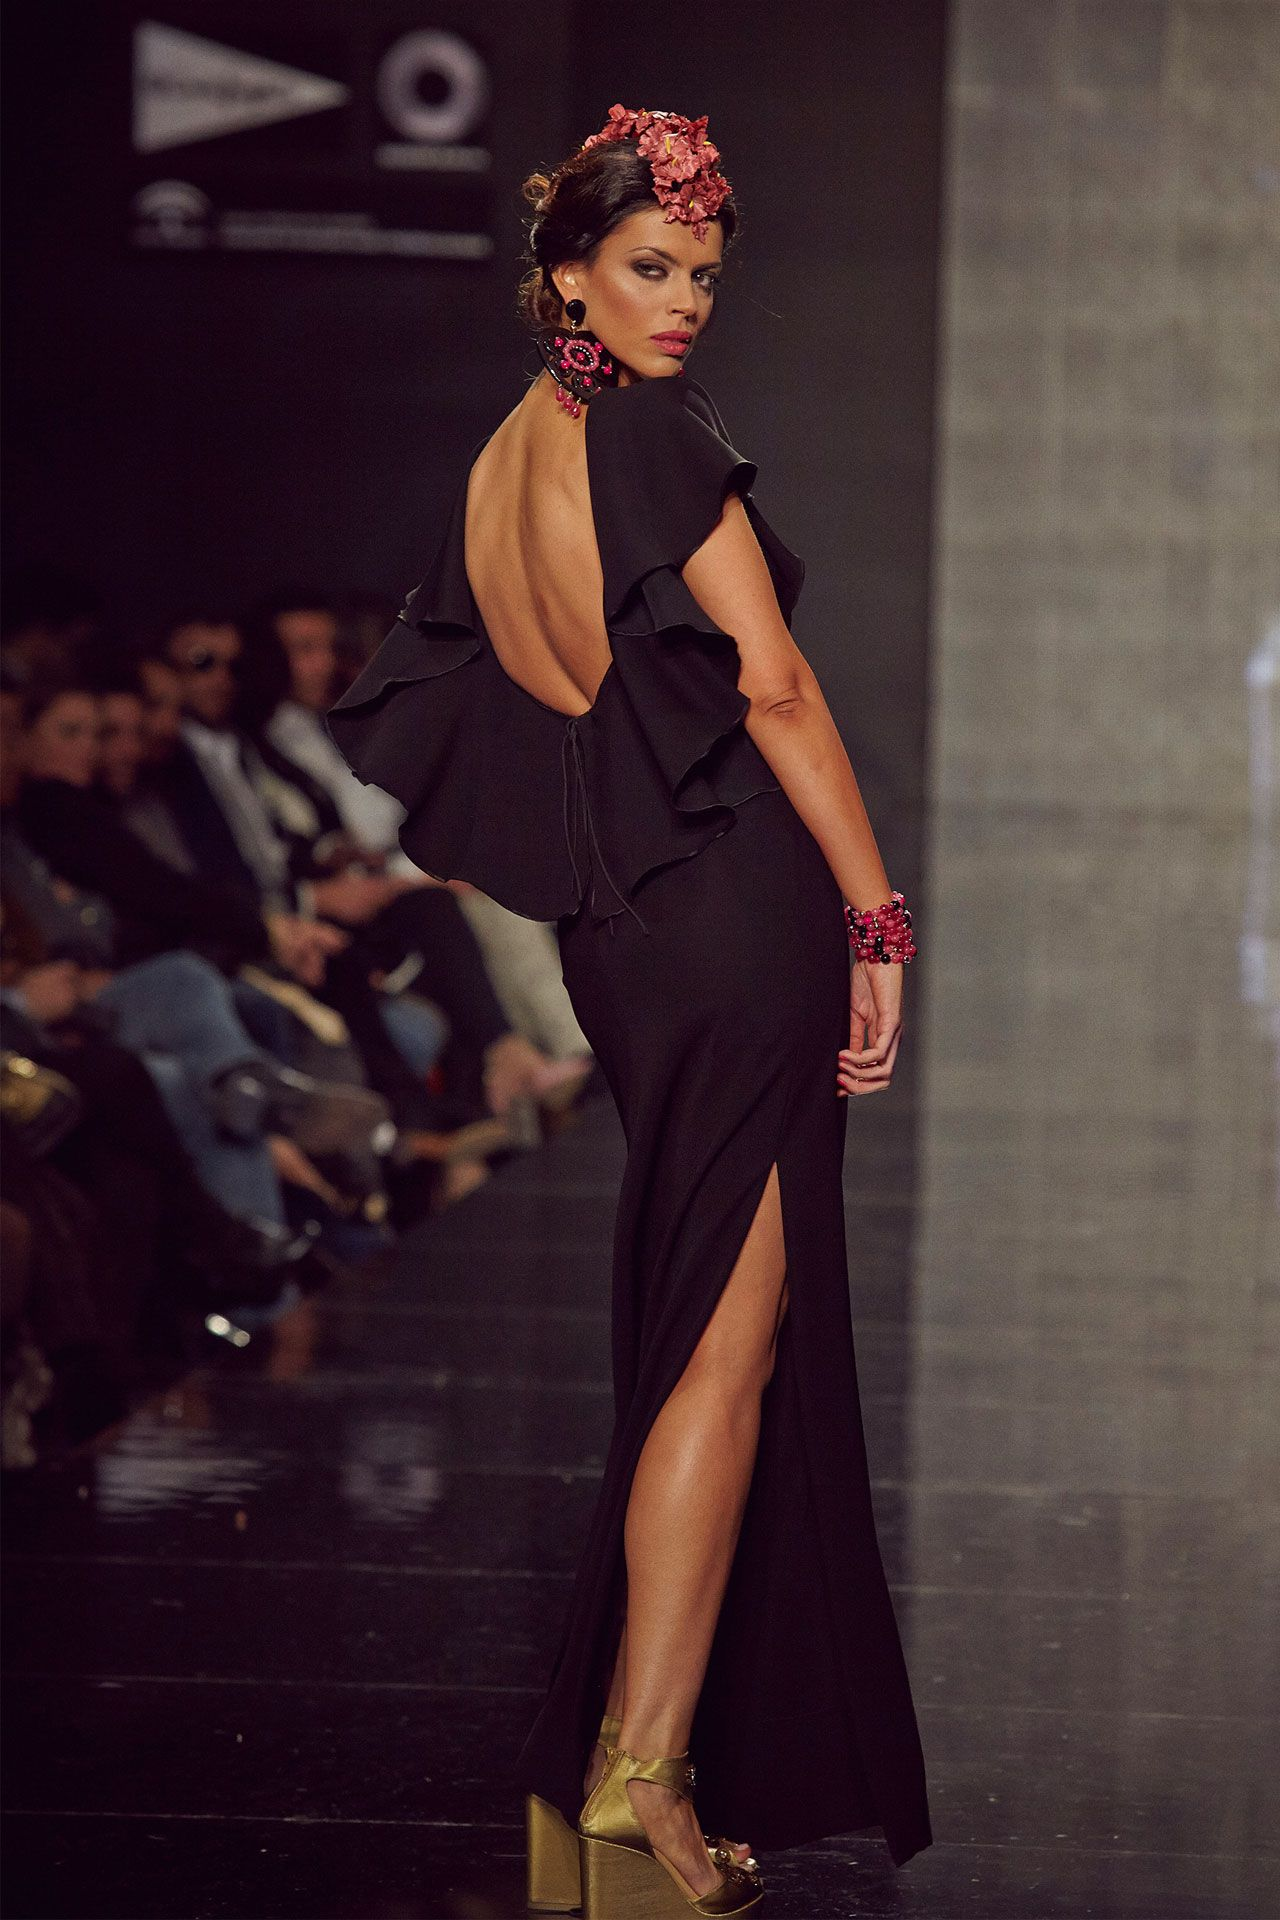 Fiesta Archivos - Blog de moda y complementos de flamenca de Lina 1960 974afbd9cd9b